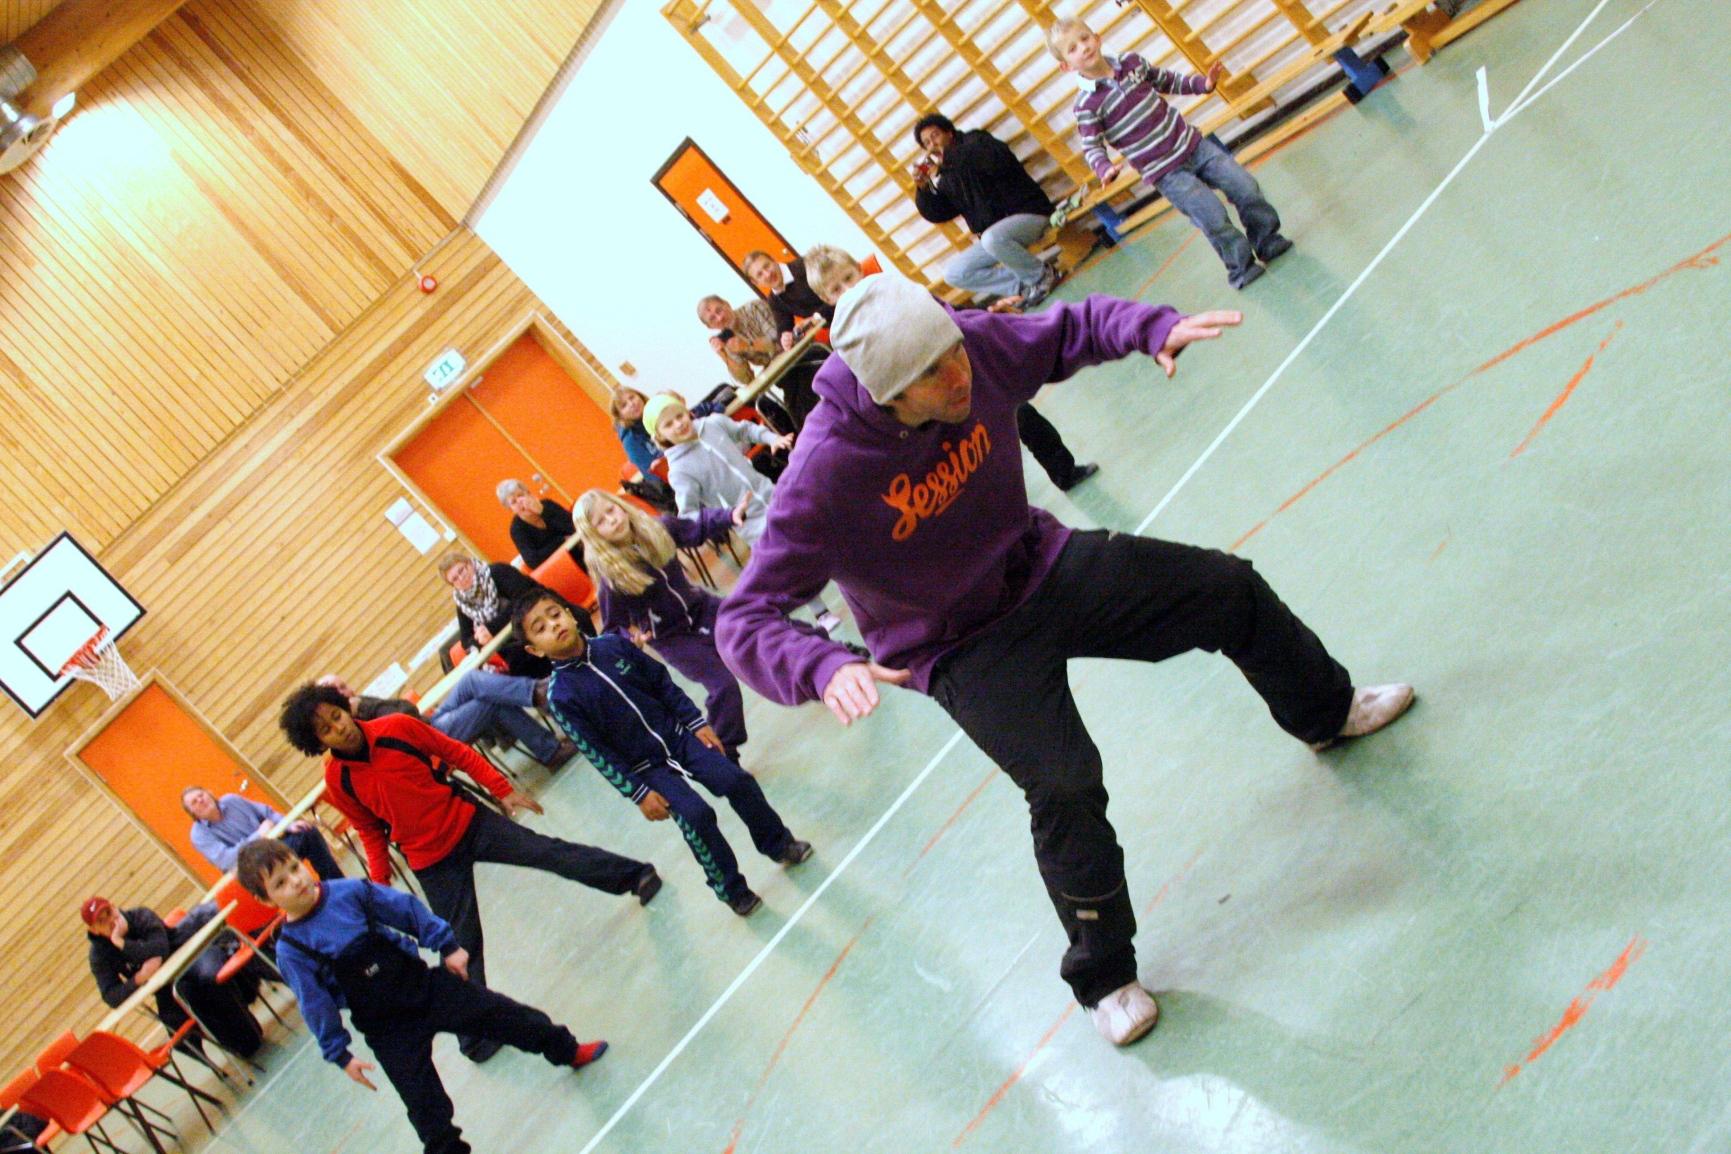 Lindeberg danser